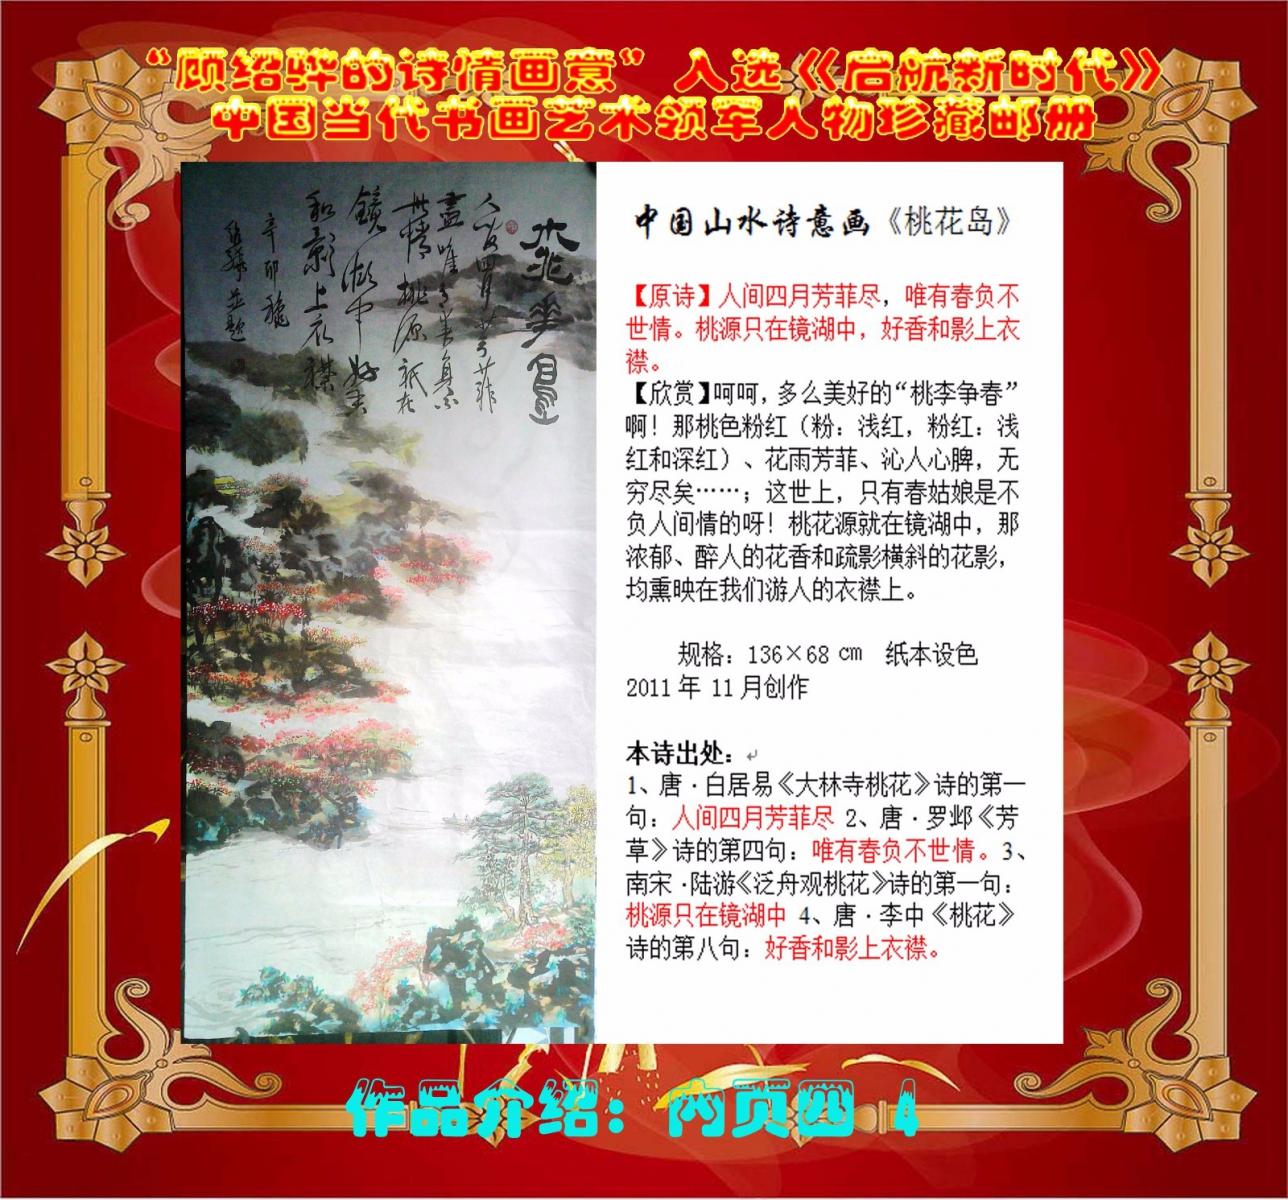 """""""顾绍骅的诗情画意""""入选《启航新时代》中国当代书画艺术领军人物珍藏集邮册 ... ..._图1-8"""